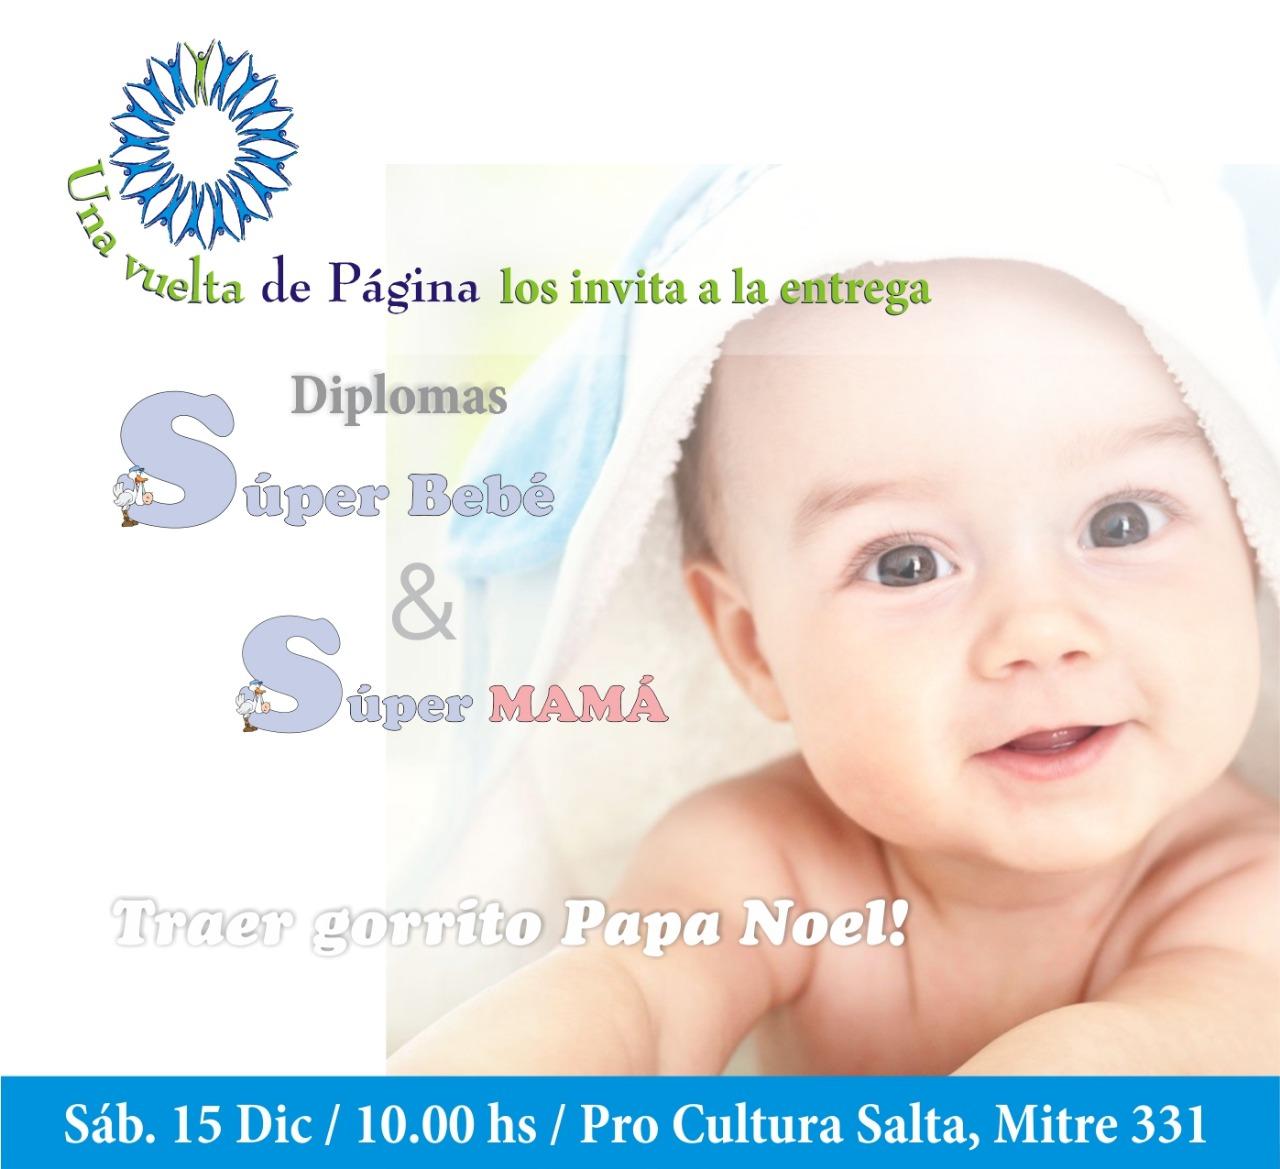 Distinguirán a los Súper Bebés y Súper Mamás de Salta